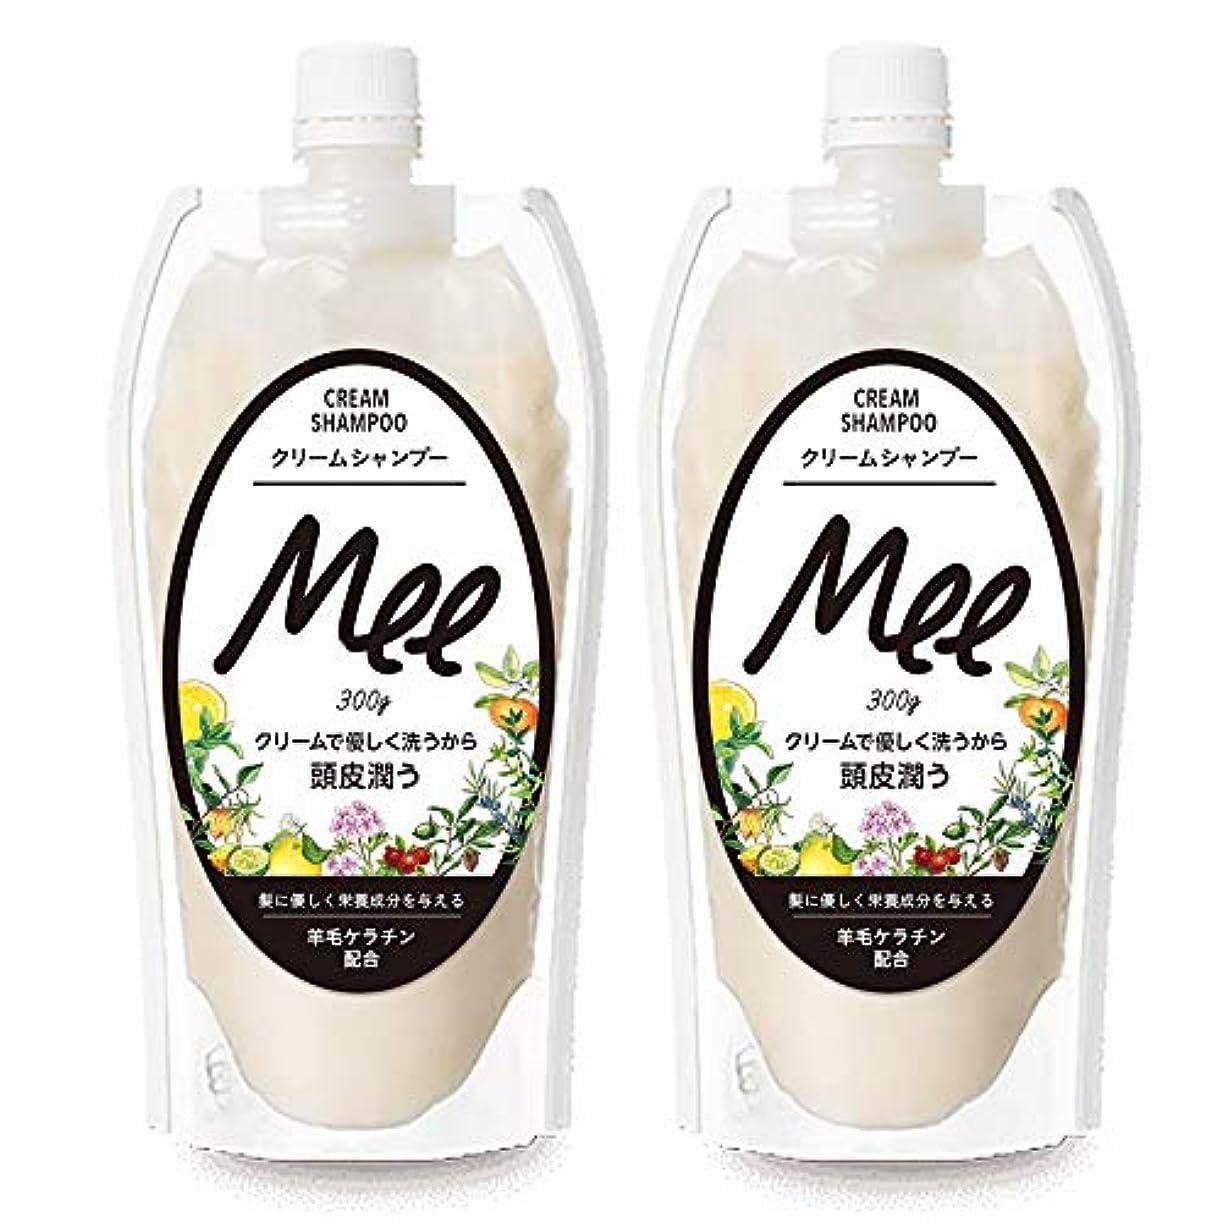 冷えるコンセンサスギャンブルまとめ買い【2個組】 NEW!! 洗えるトリートメントMEE Mee 300g×2個SET クリームシャンプー 皮脂 乾燥肌 ダメージケア 大容量 時短 フケ かゆみ